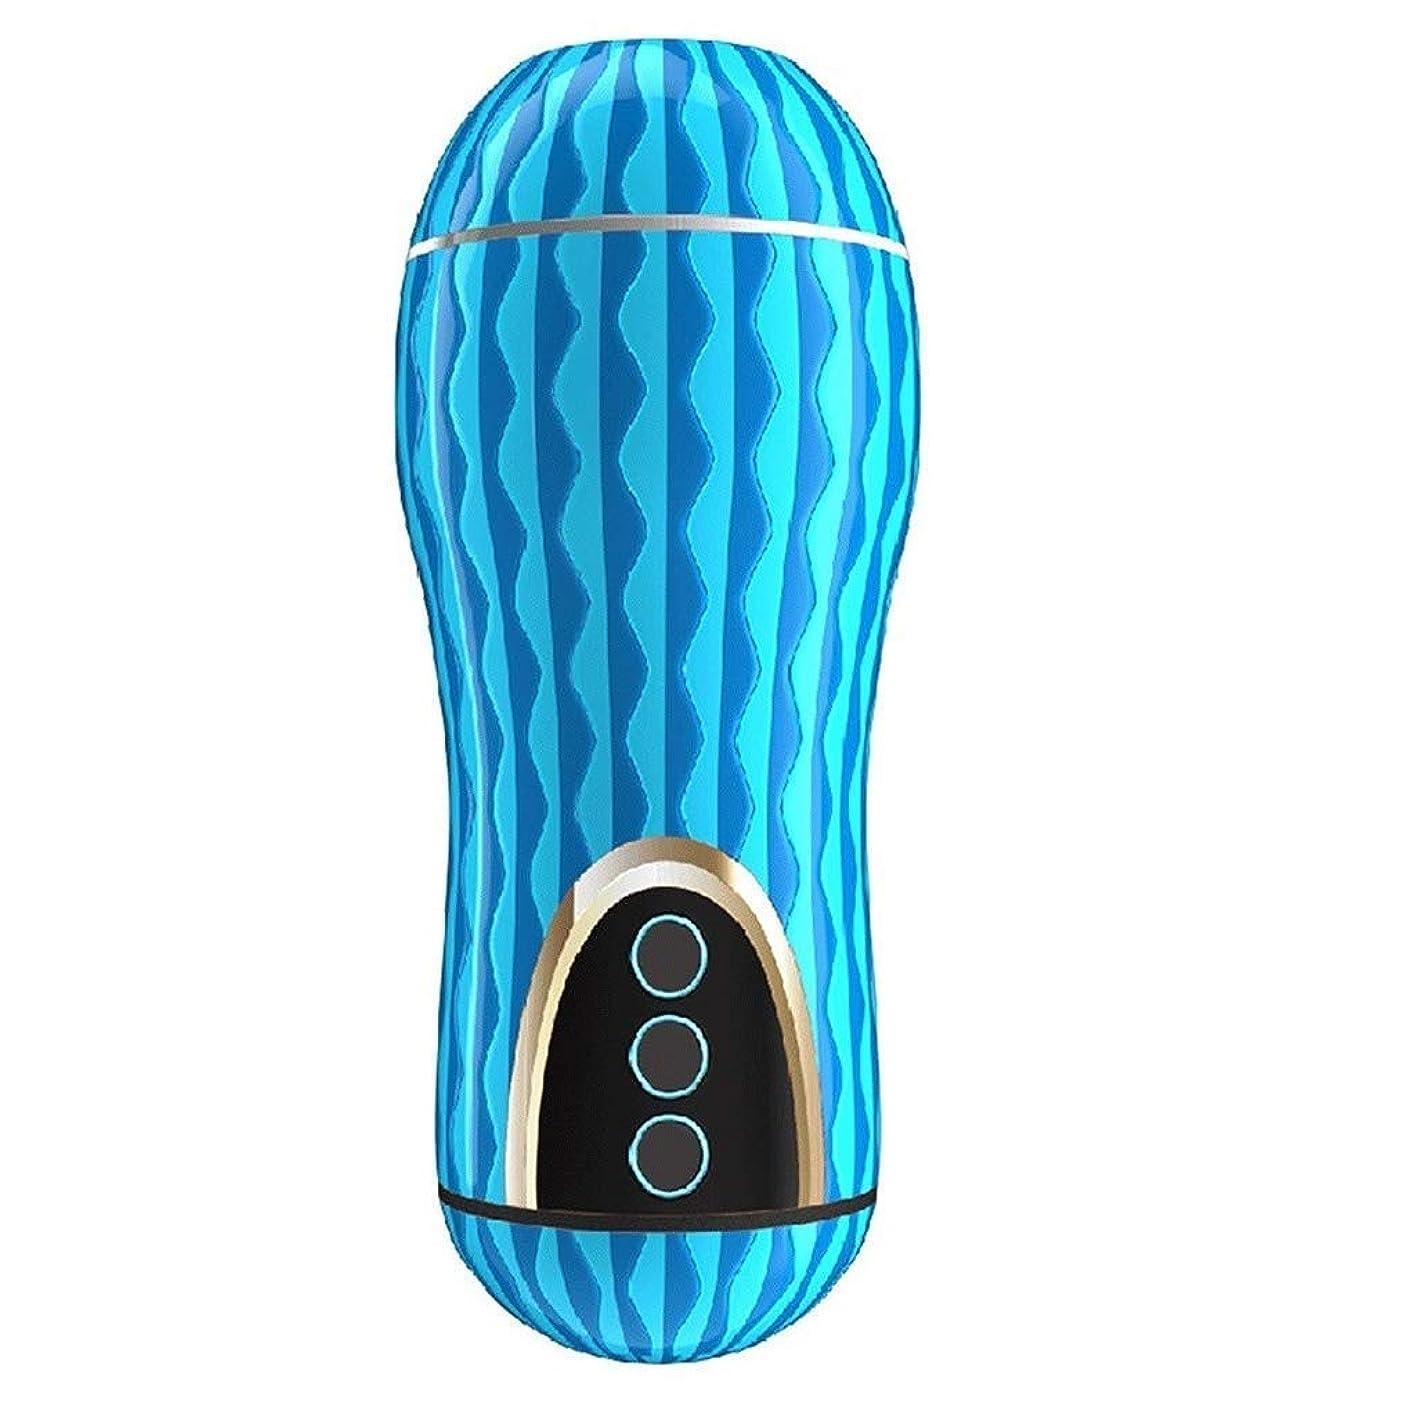 フォーム追記タイヤ人工リアルな柔らかいシリコーン人形コントロールマッサージャーキット強い吸引/振動マッサージバキュームポンプツール (Color : 青)